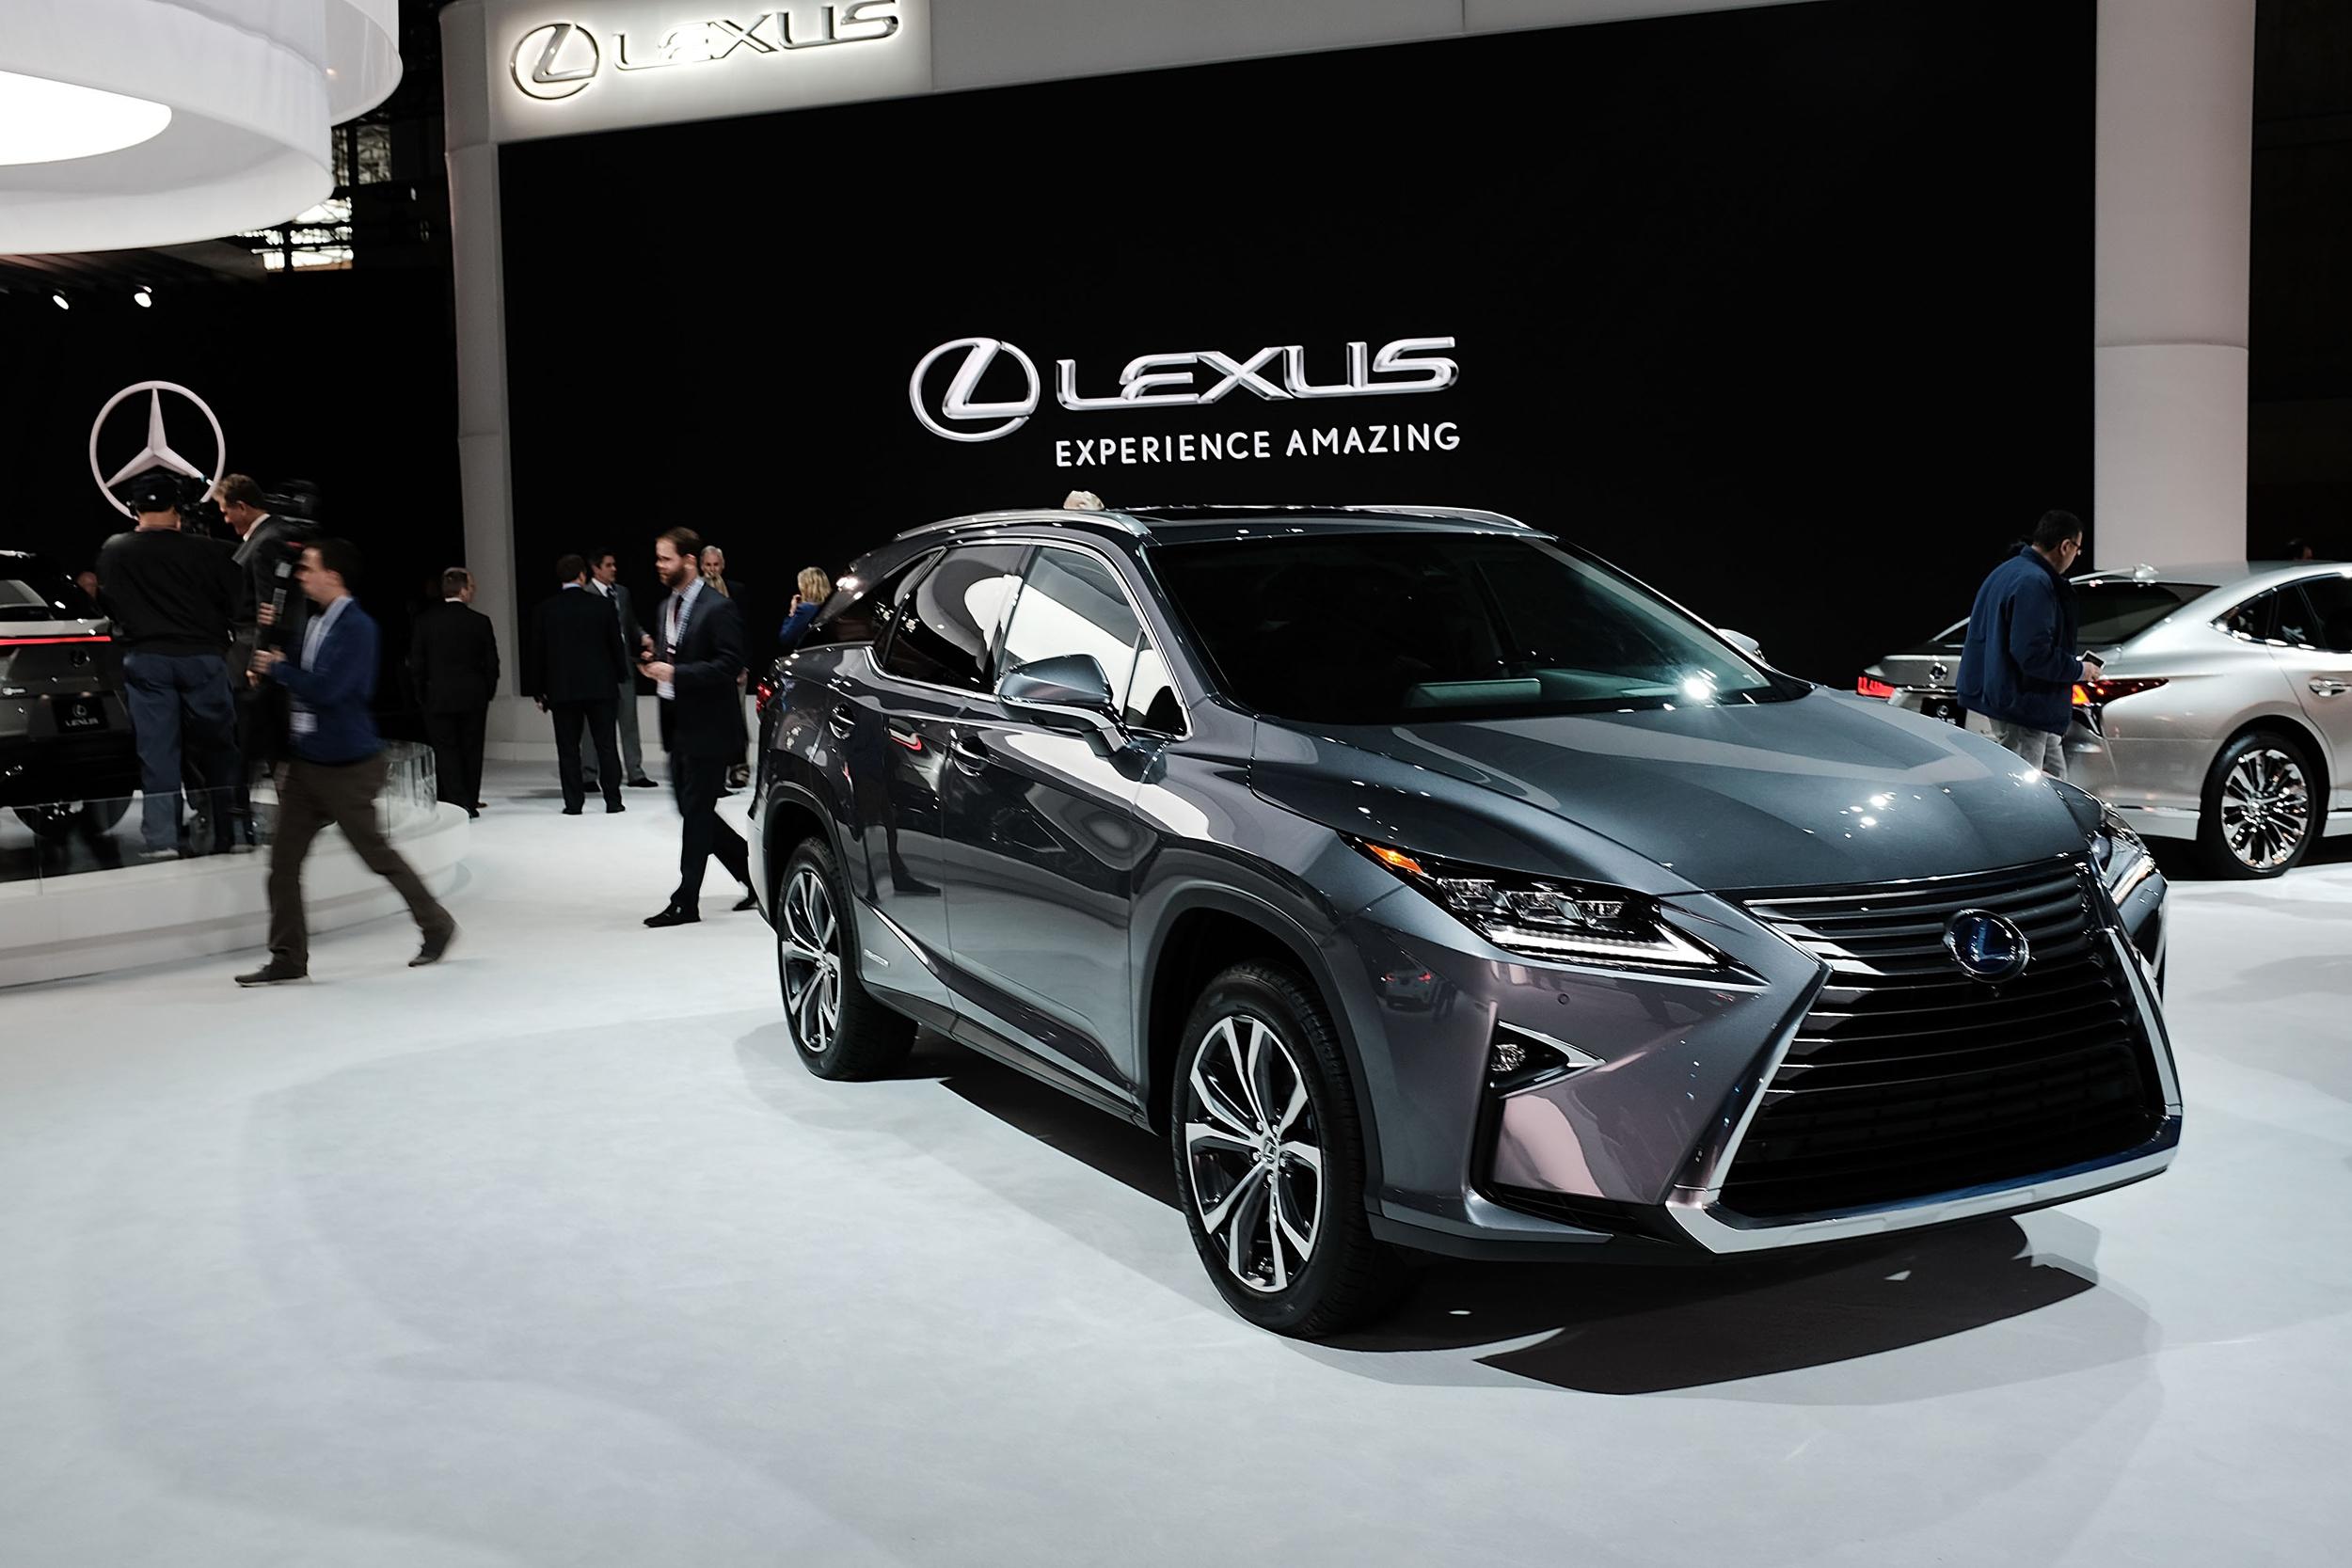 Kekurangan Toyota Luxury Spesifikasi